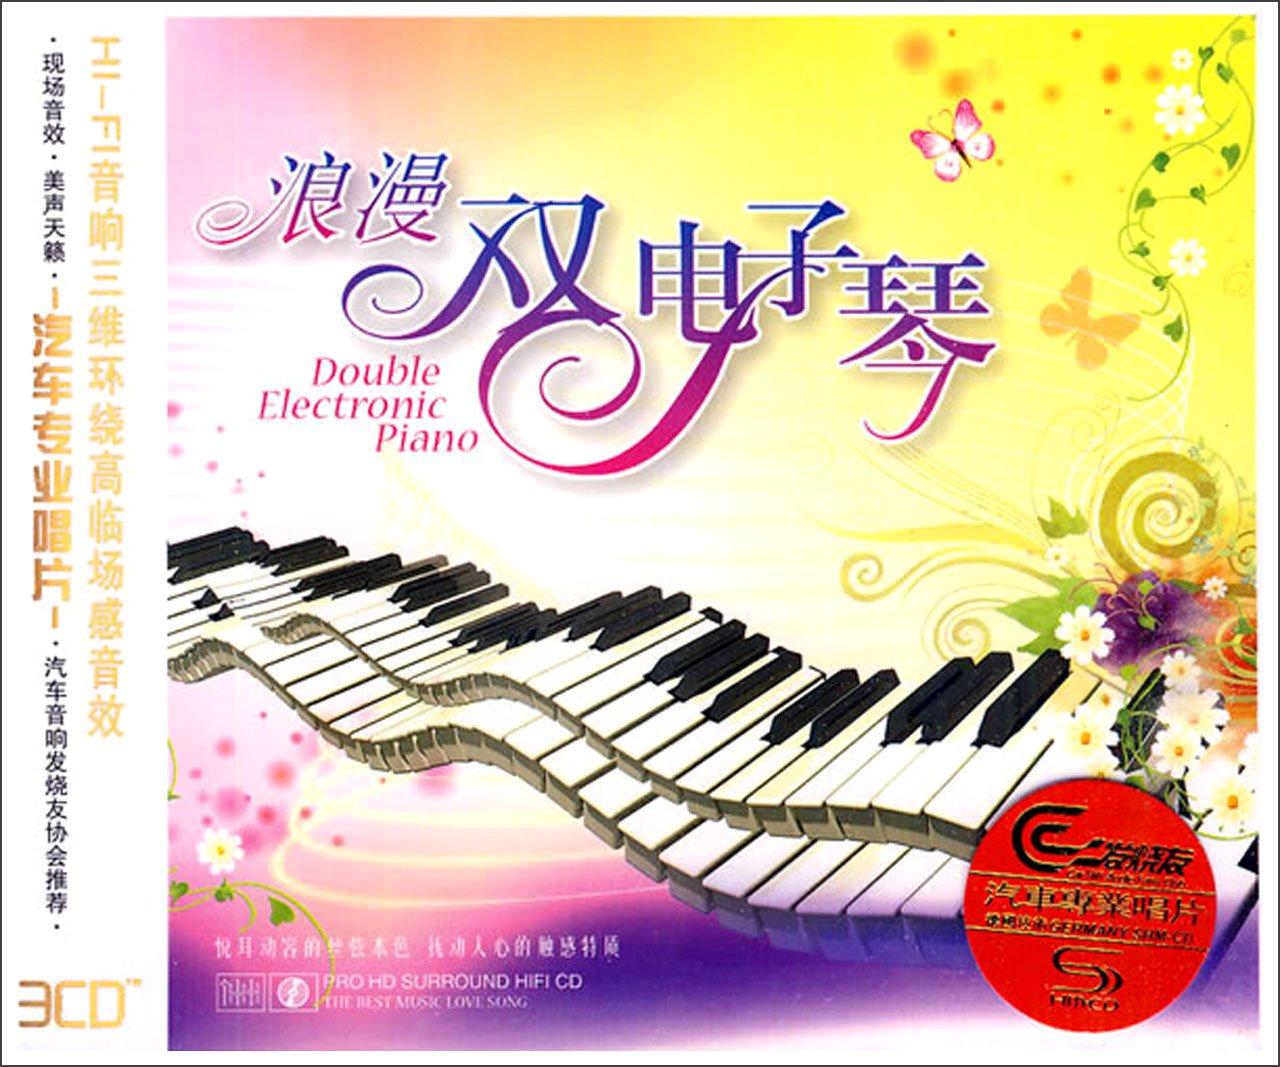 浪漫双电子琴(3cd)图片